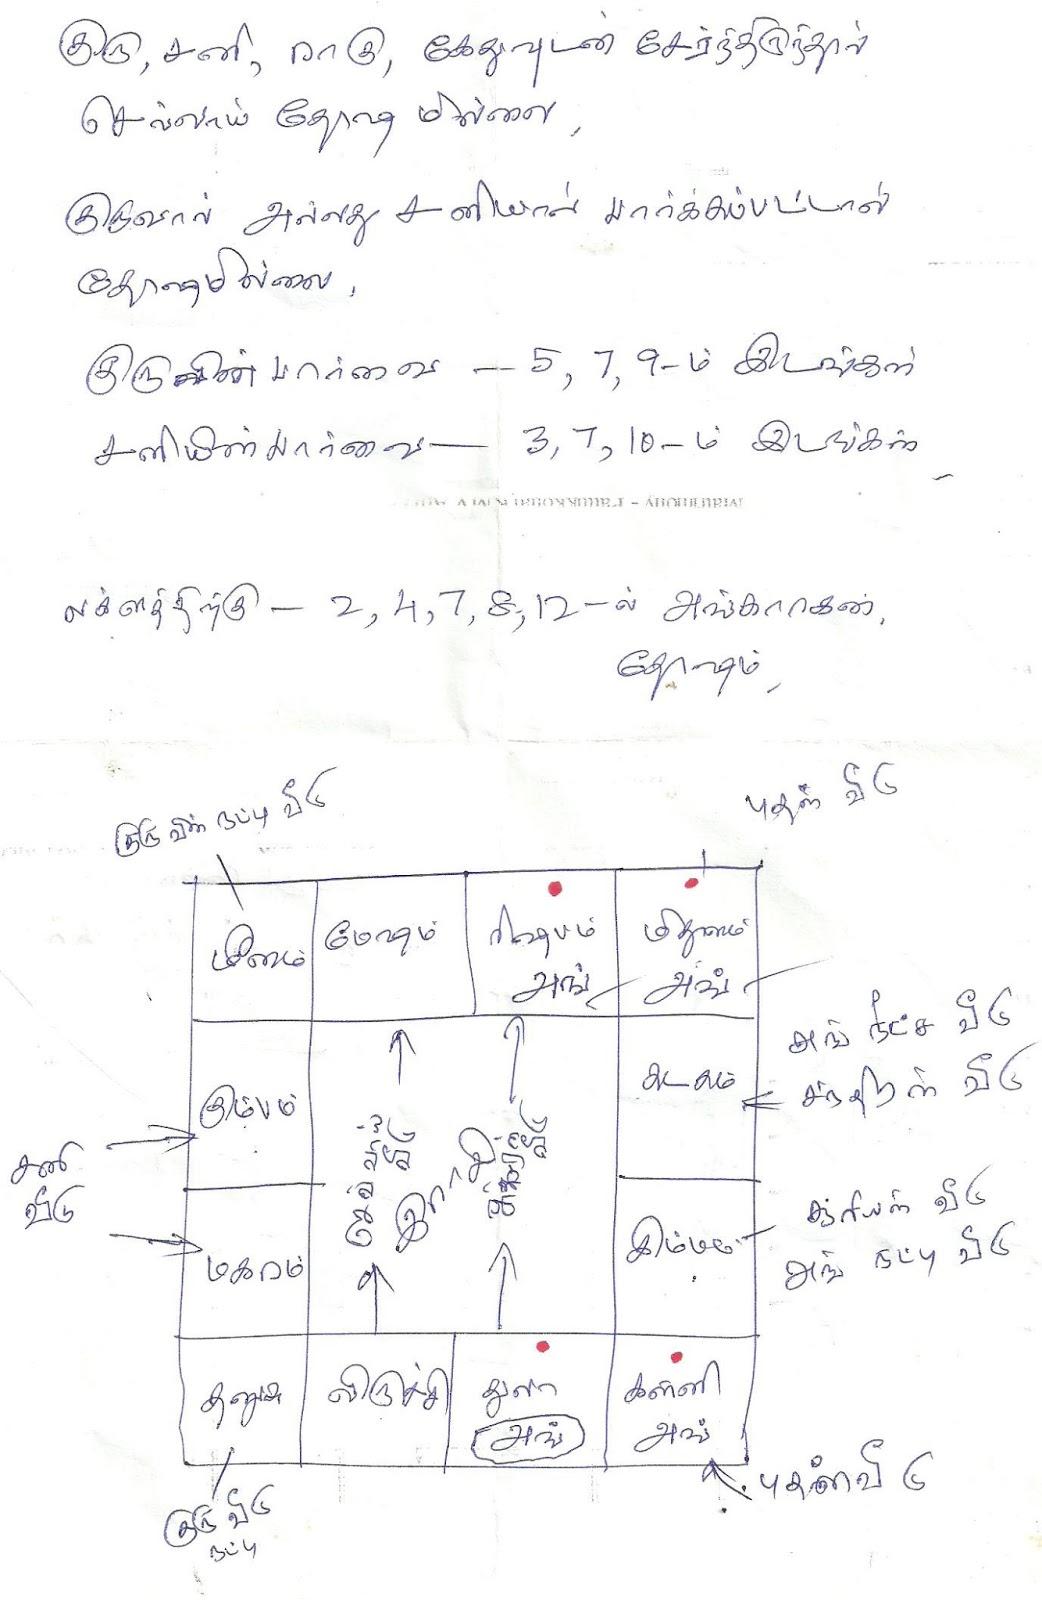 kalyana porutham software free download